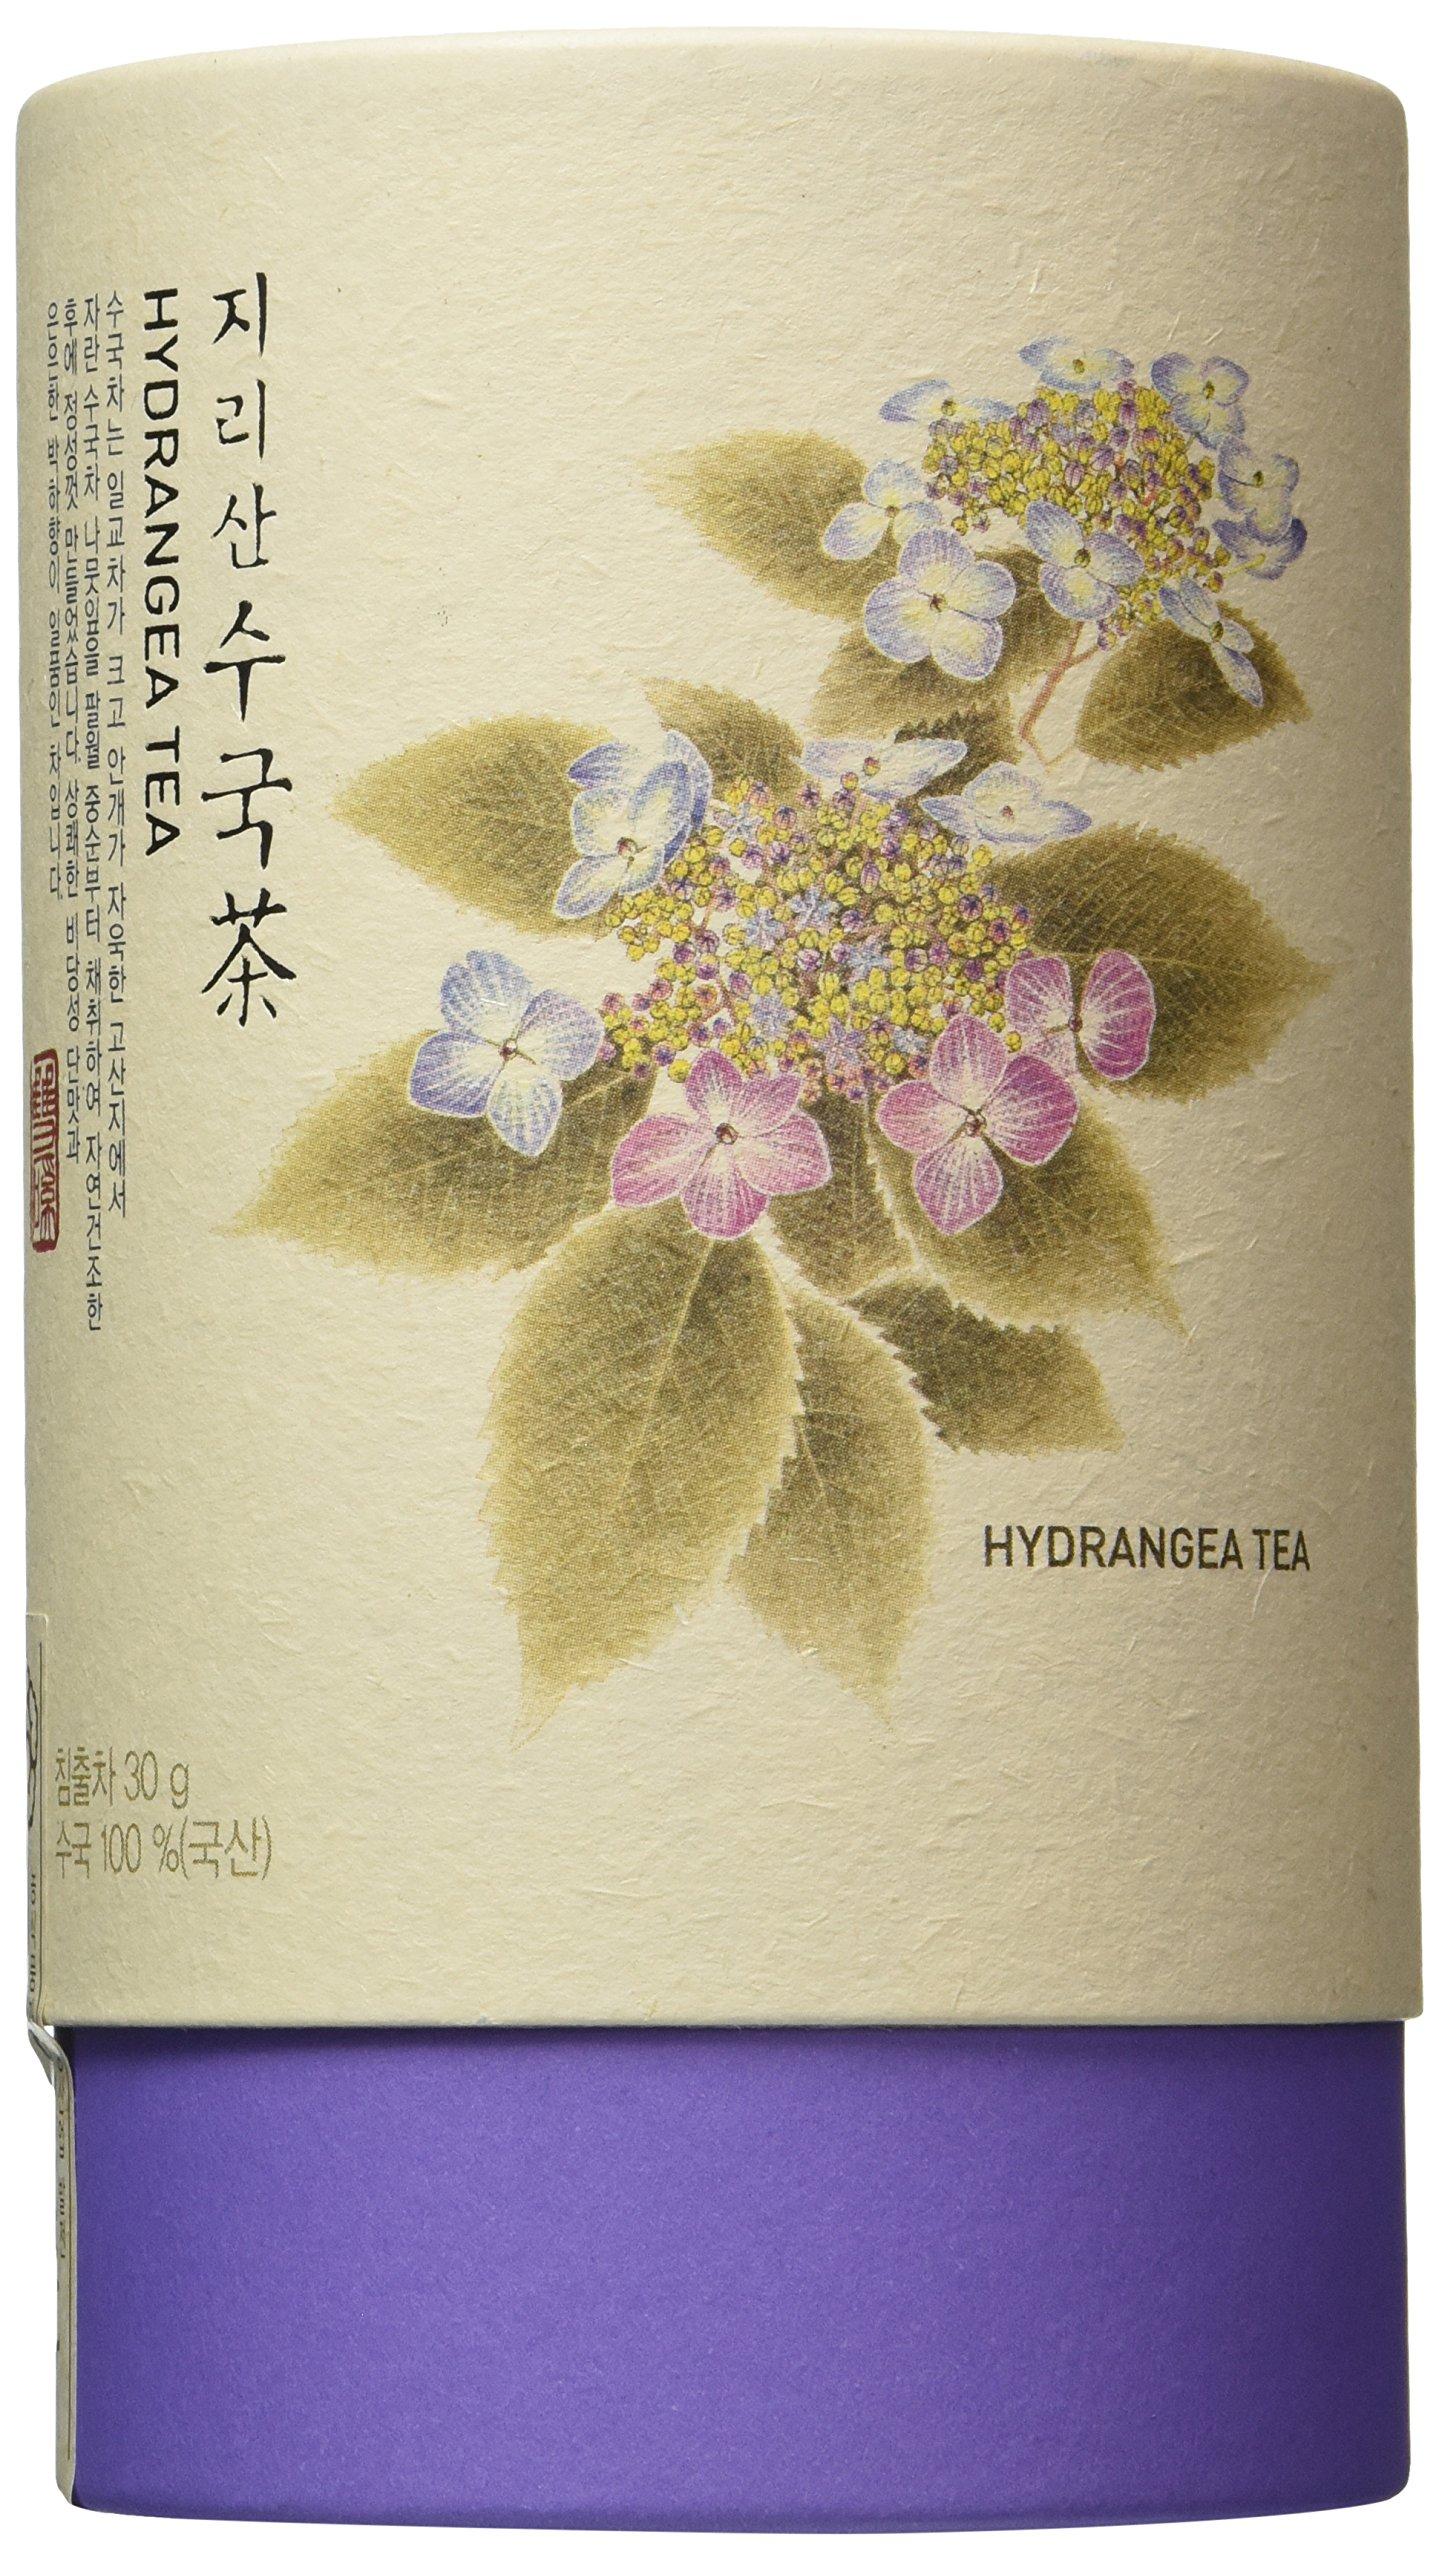 Korean Sweet Dew Tea / Hydrangea Leaf Tea - 30g